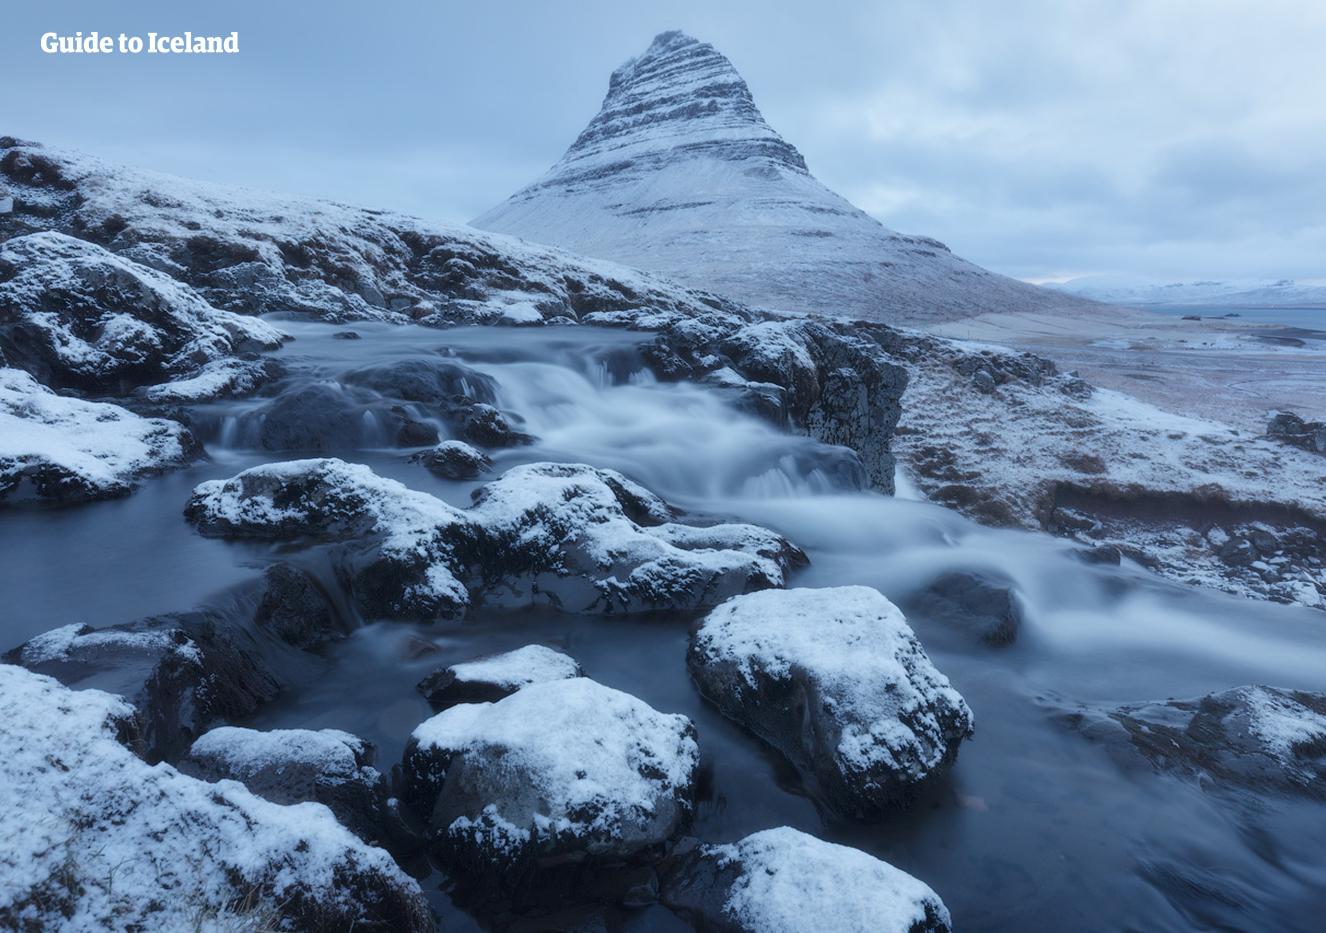 Autotour hiver de 12 jours | Tour de l'Islande et découverte de Snaefellsnes - day 11